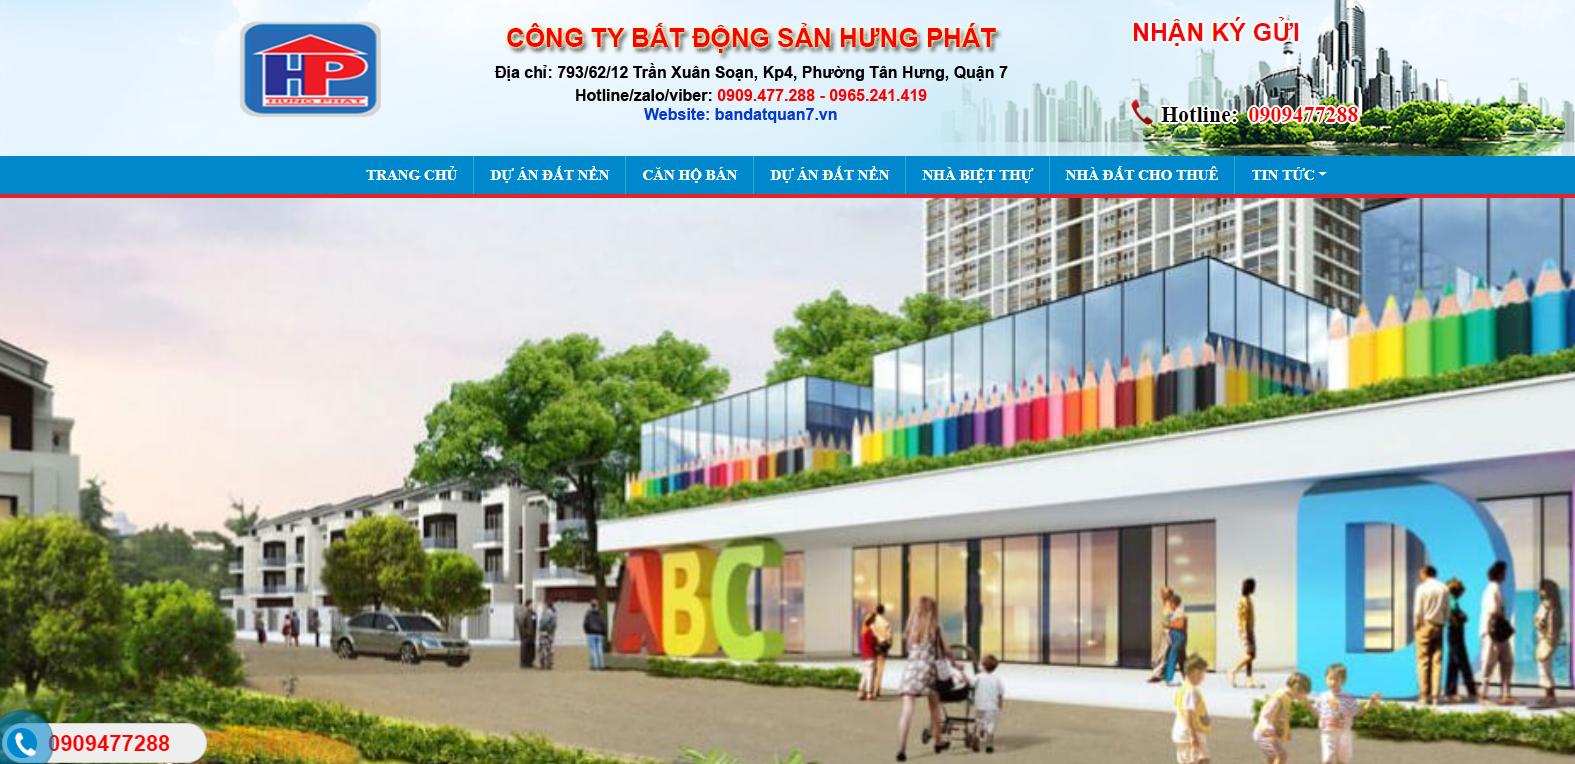 Mẫu website bất động sản bán đất quận 7